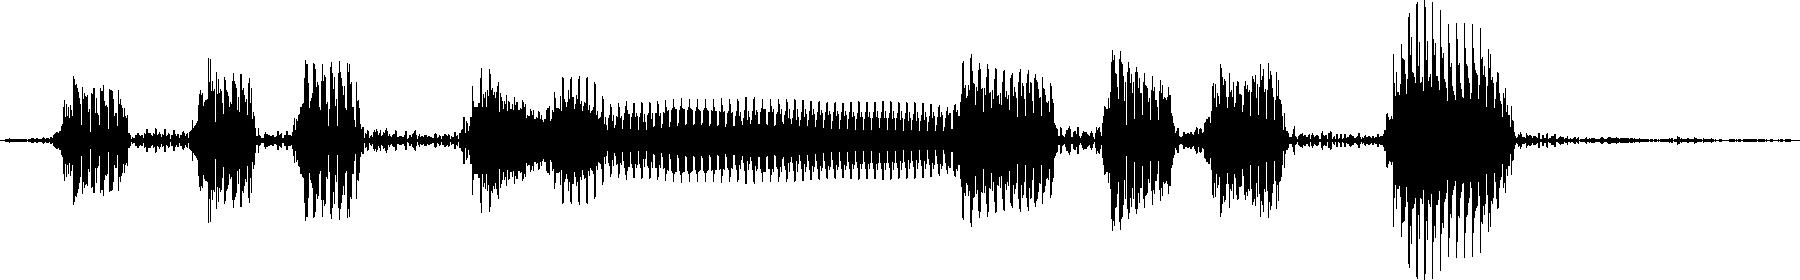 vocal noodling